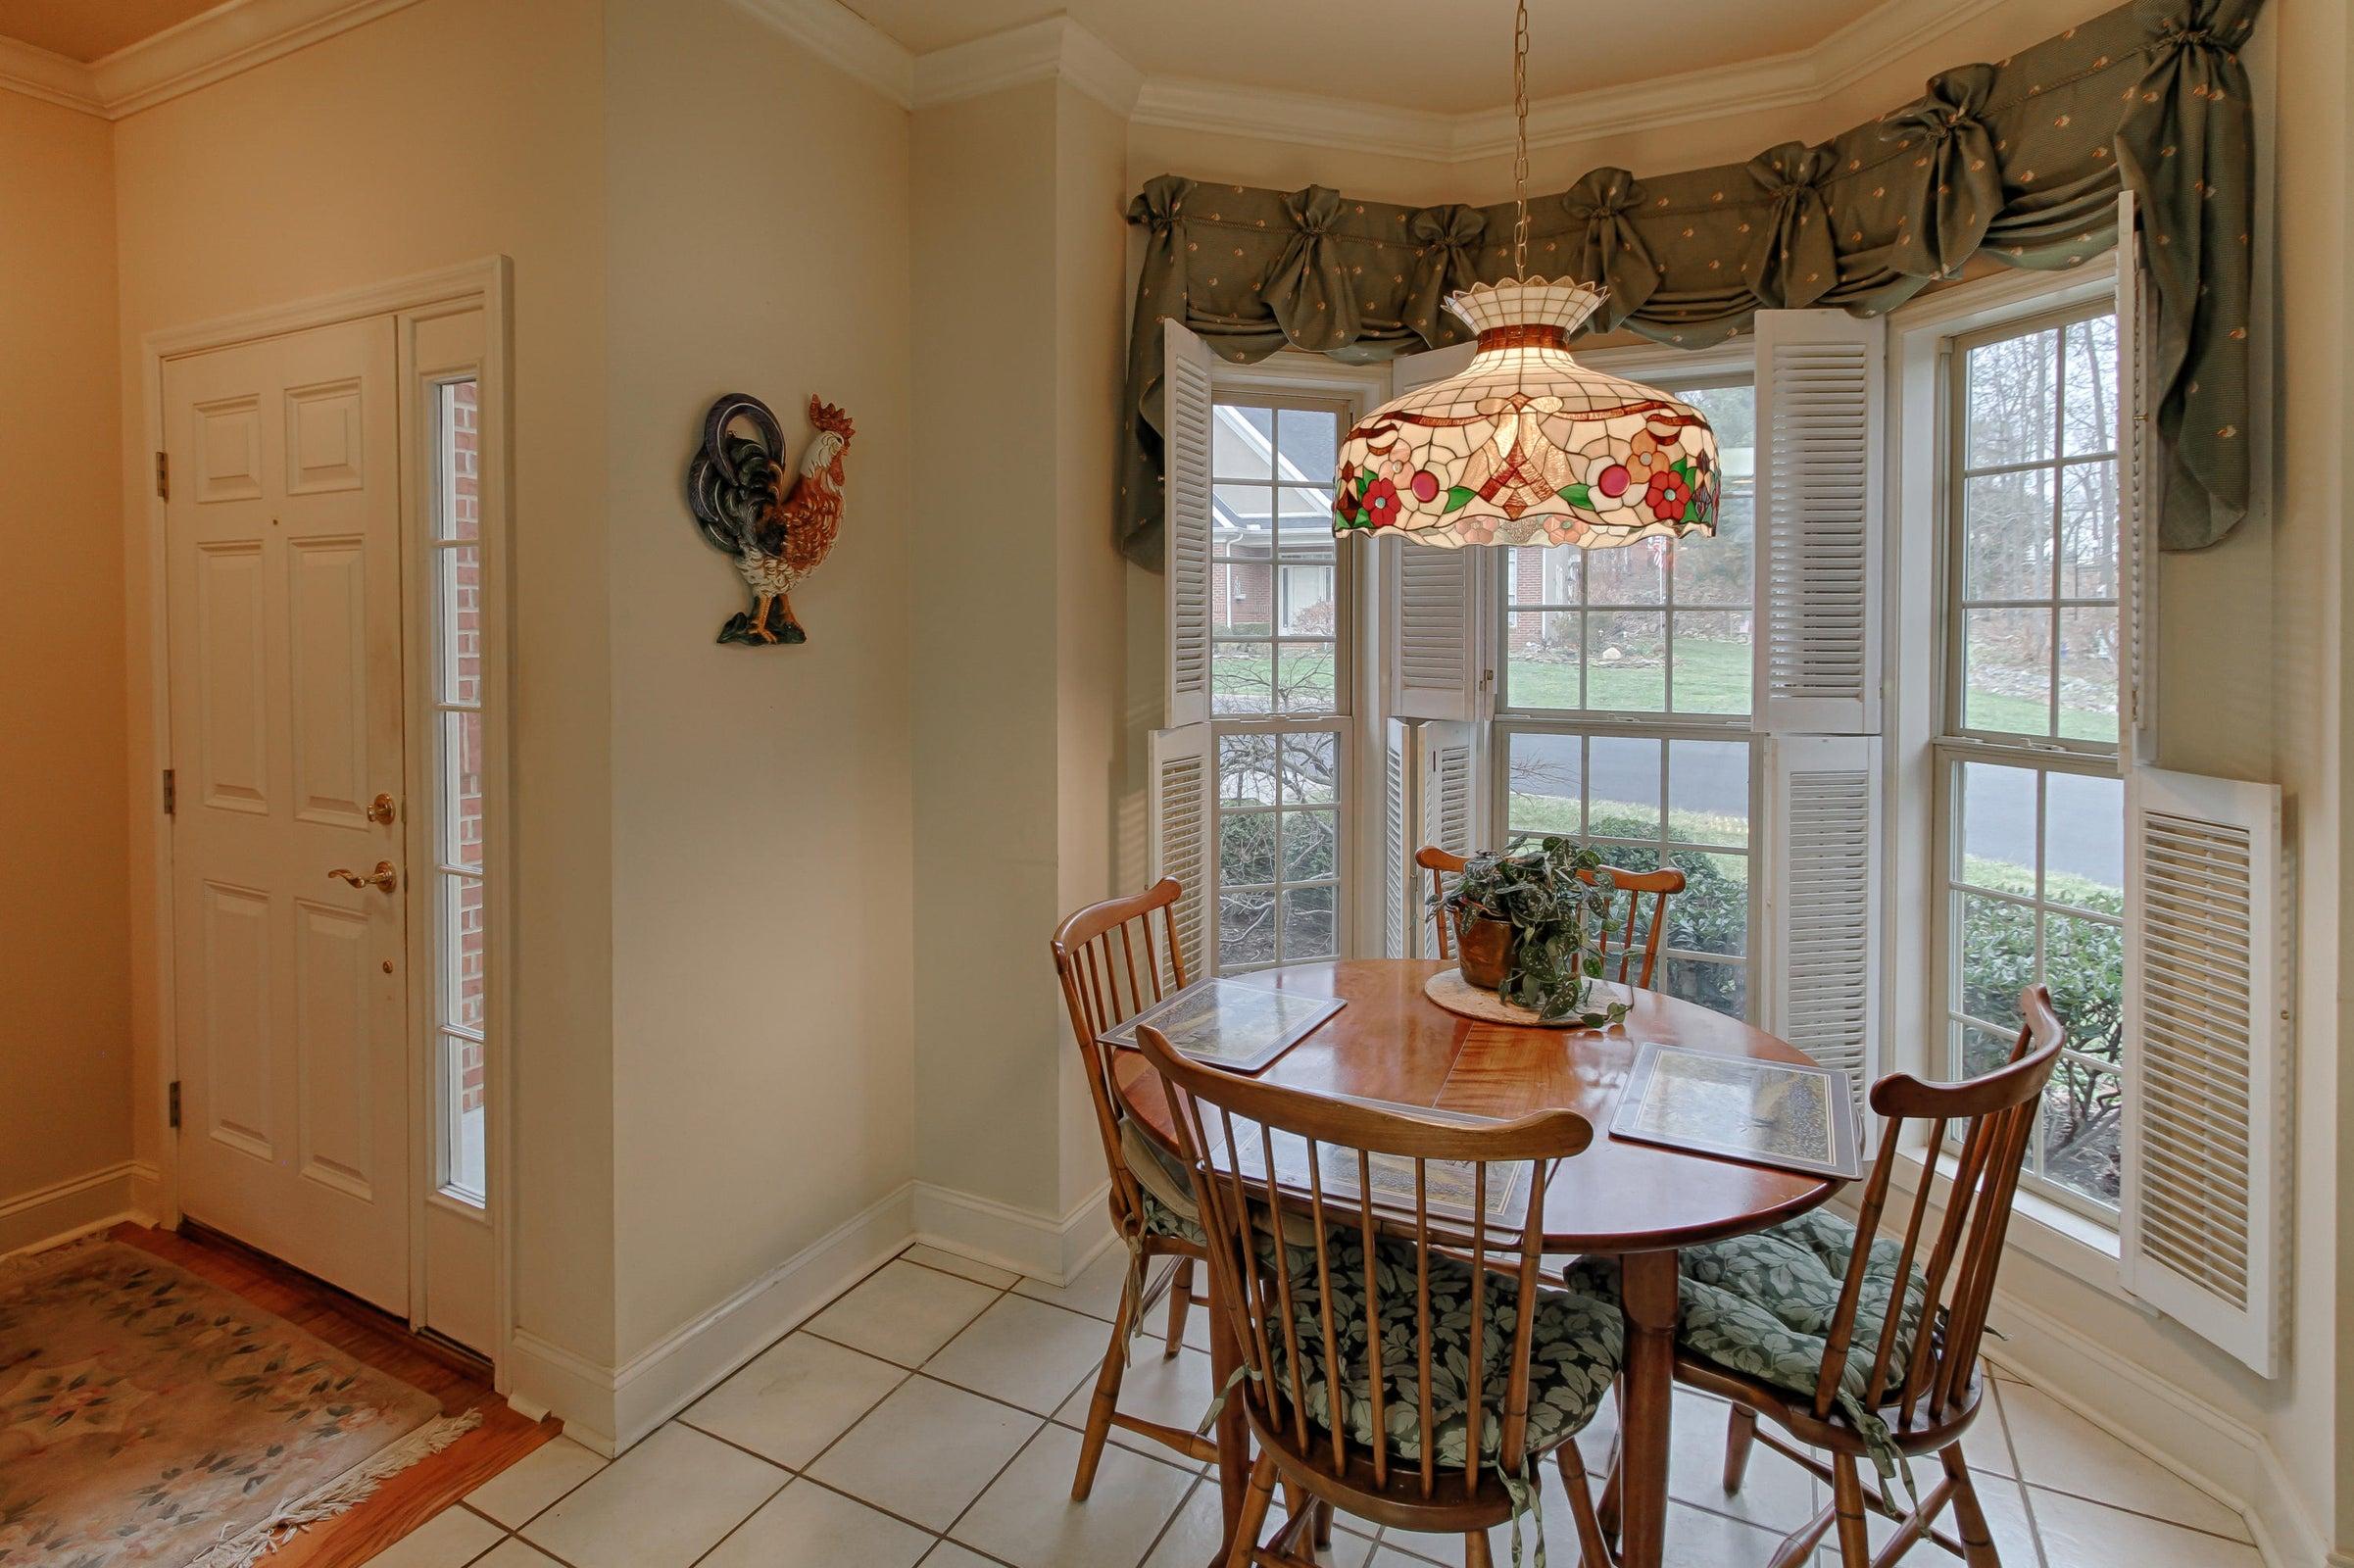 09 - Breakfast nook has bay window with